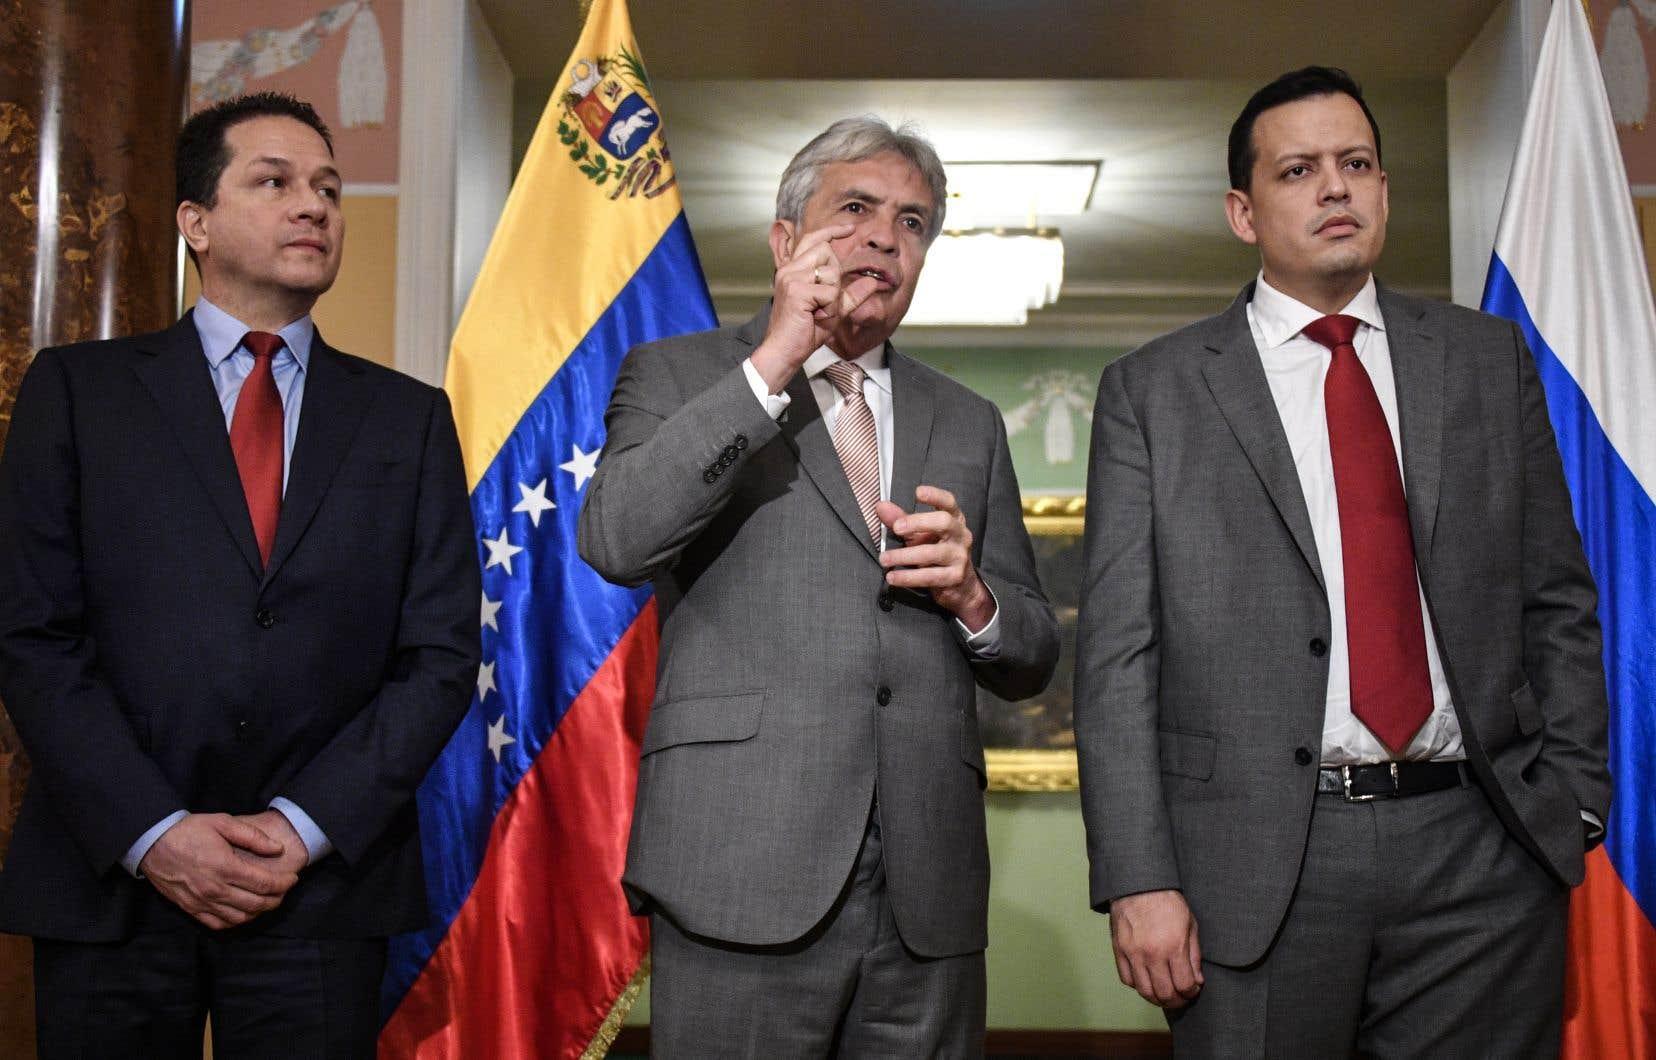 Le chef de la mission diplomatique du Venezuela à Moscou, Carlos Rafael Faria Tortosa, le ministre de l'Agriculture, Wilmar Castro, et le ministre des Finances, Simon Zerpa